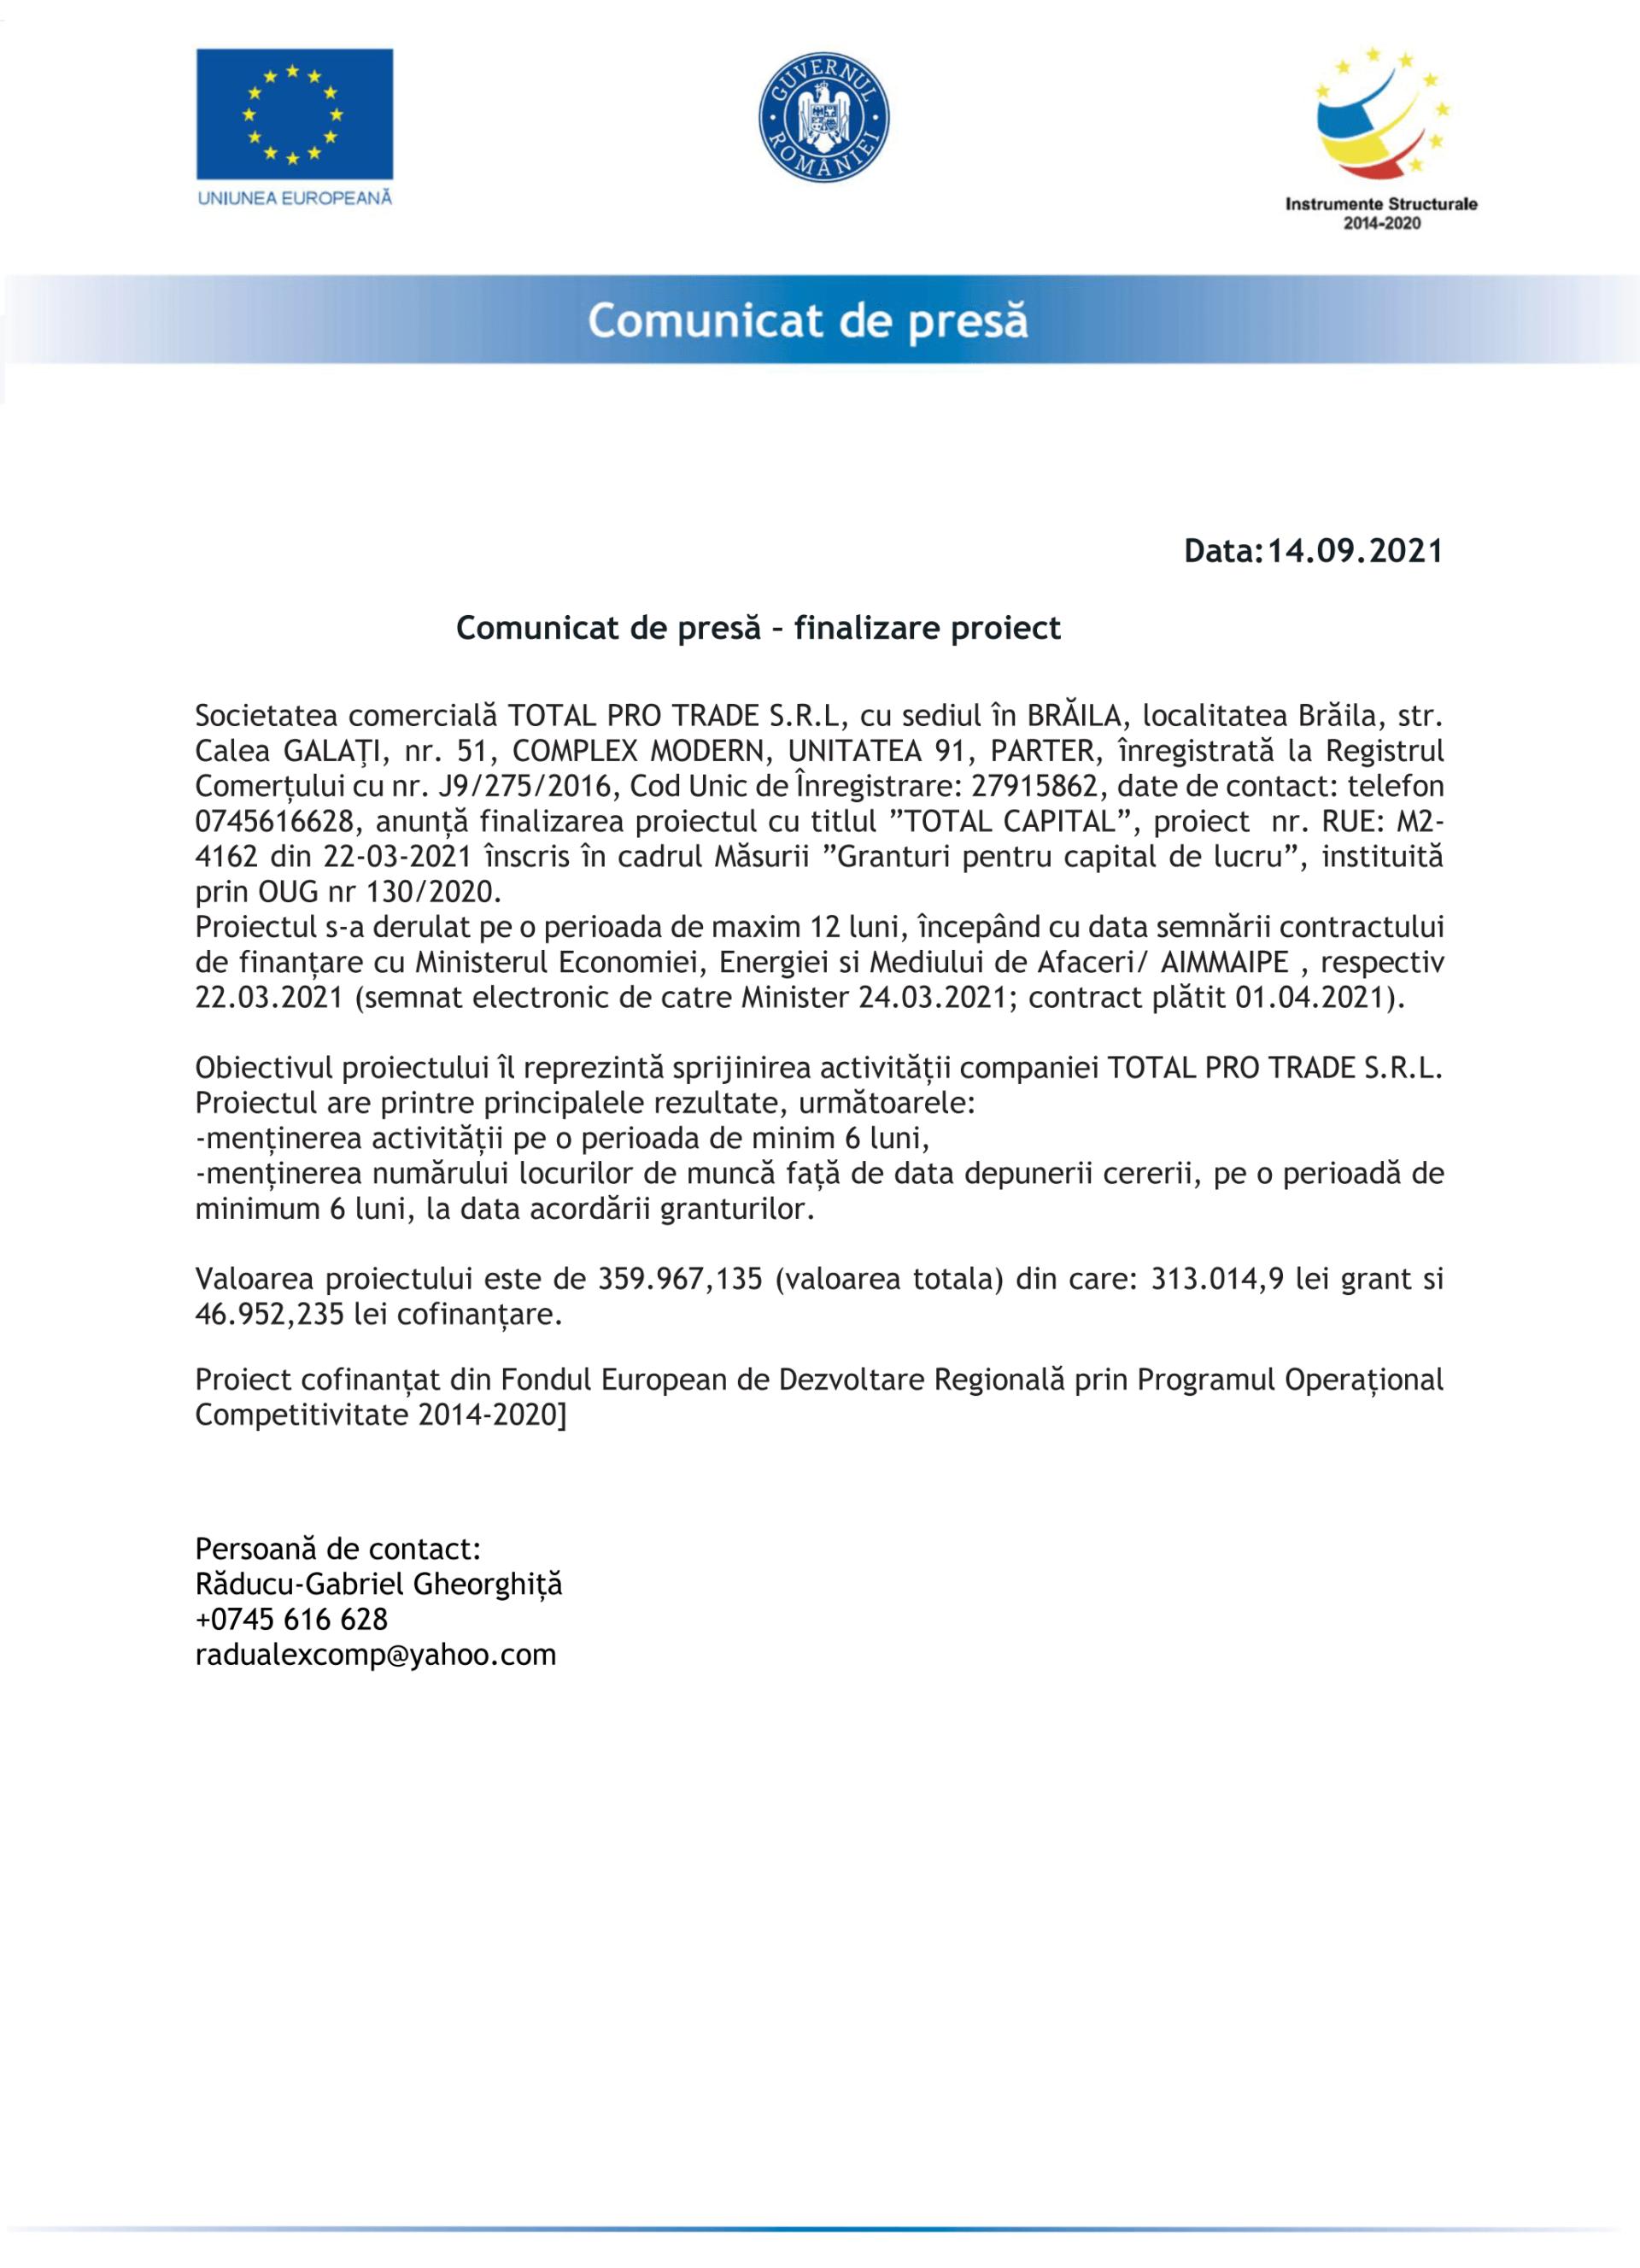 Comunicat_de_Presa_benef-finali_TOTAL-PRO-TRADE